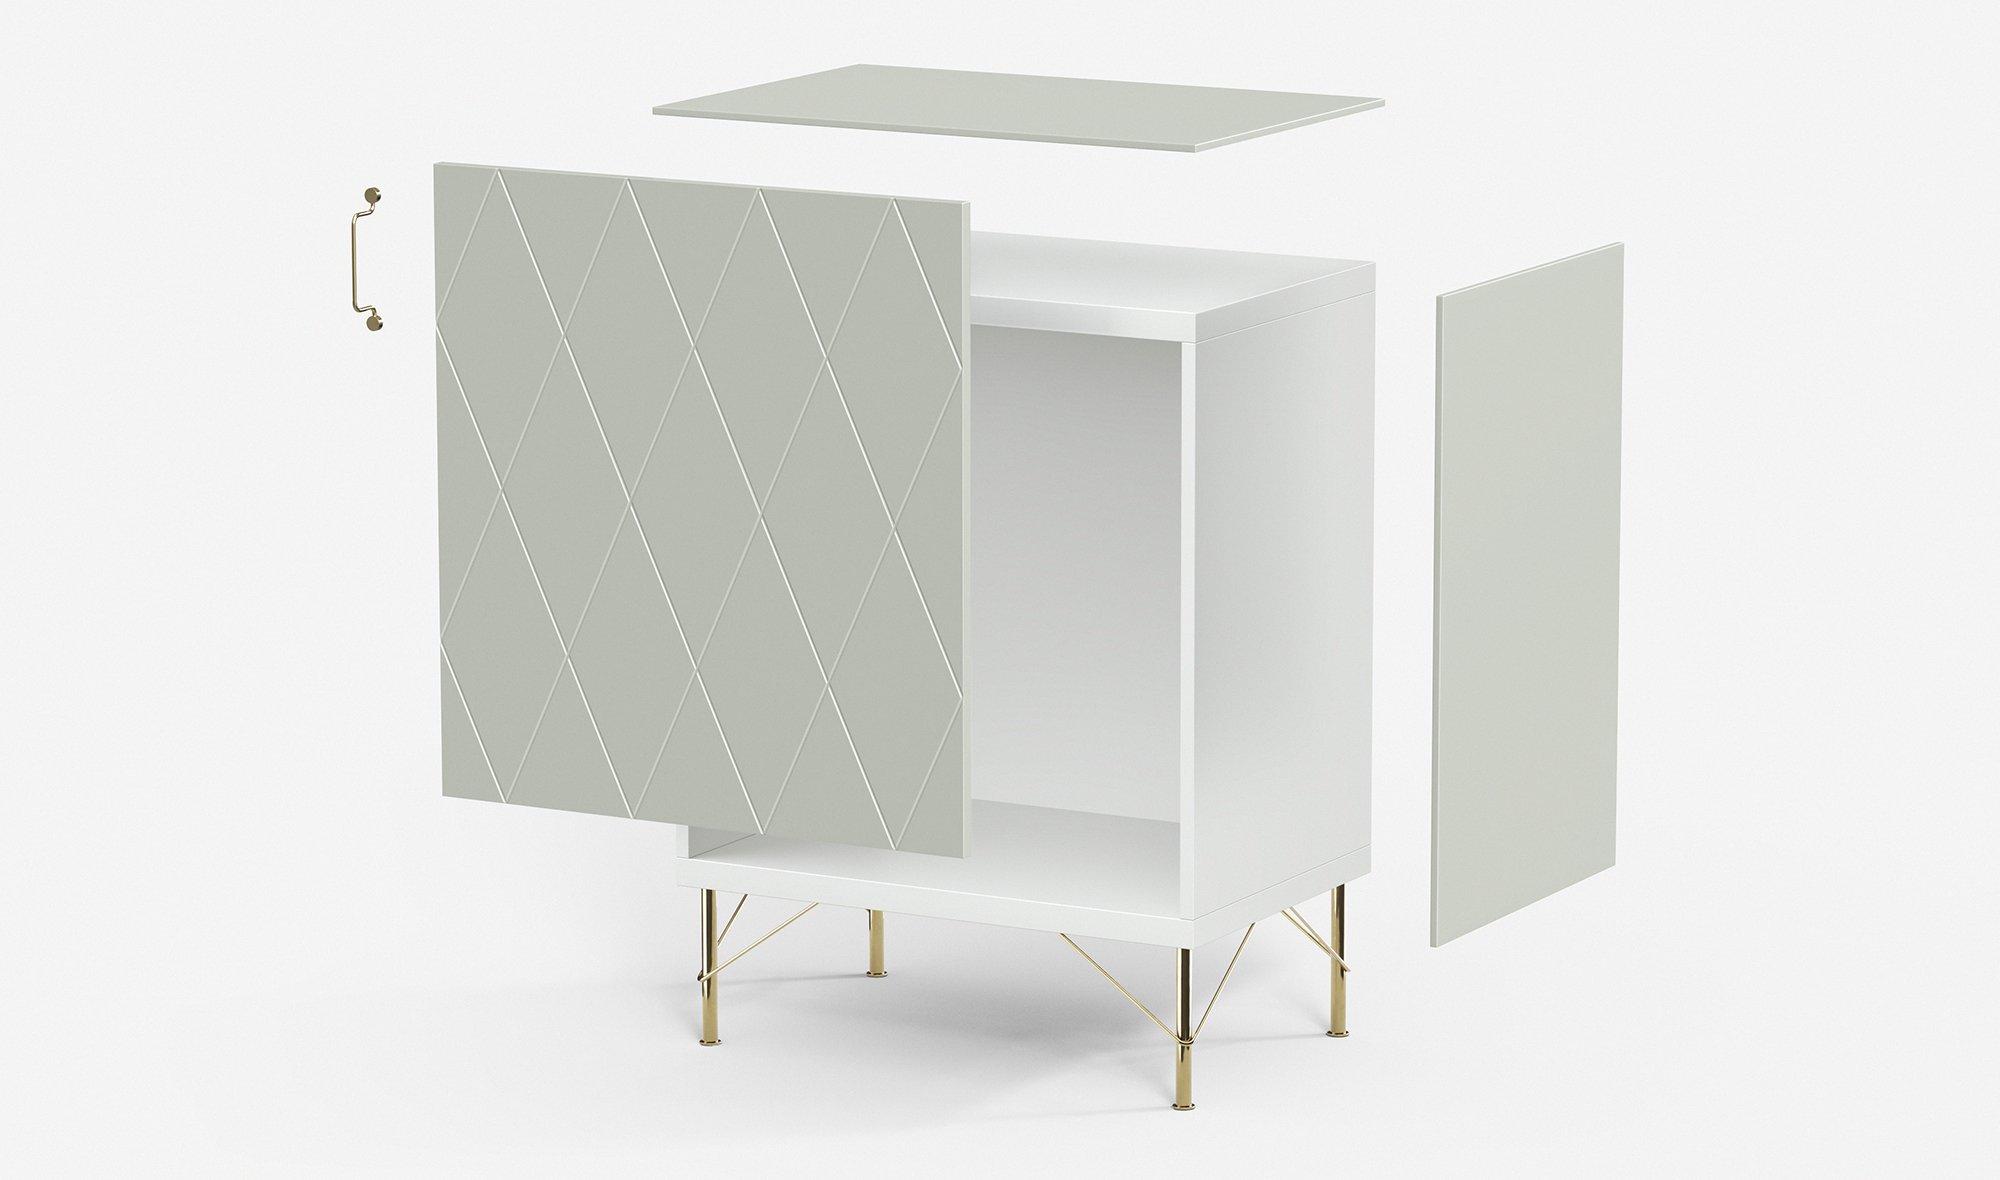 Full Size of Sideboards Built On Ikeas Besta Frames Wohnzimmer Sideboard Ikea Sofa Mit Schlaffunktion Miniküche Küche Kosten Kaufen Betten Bei 160x200 Arbeitsplatte Wohnzimmer Sideboard Ikea